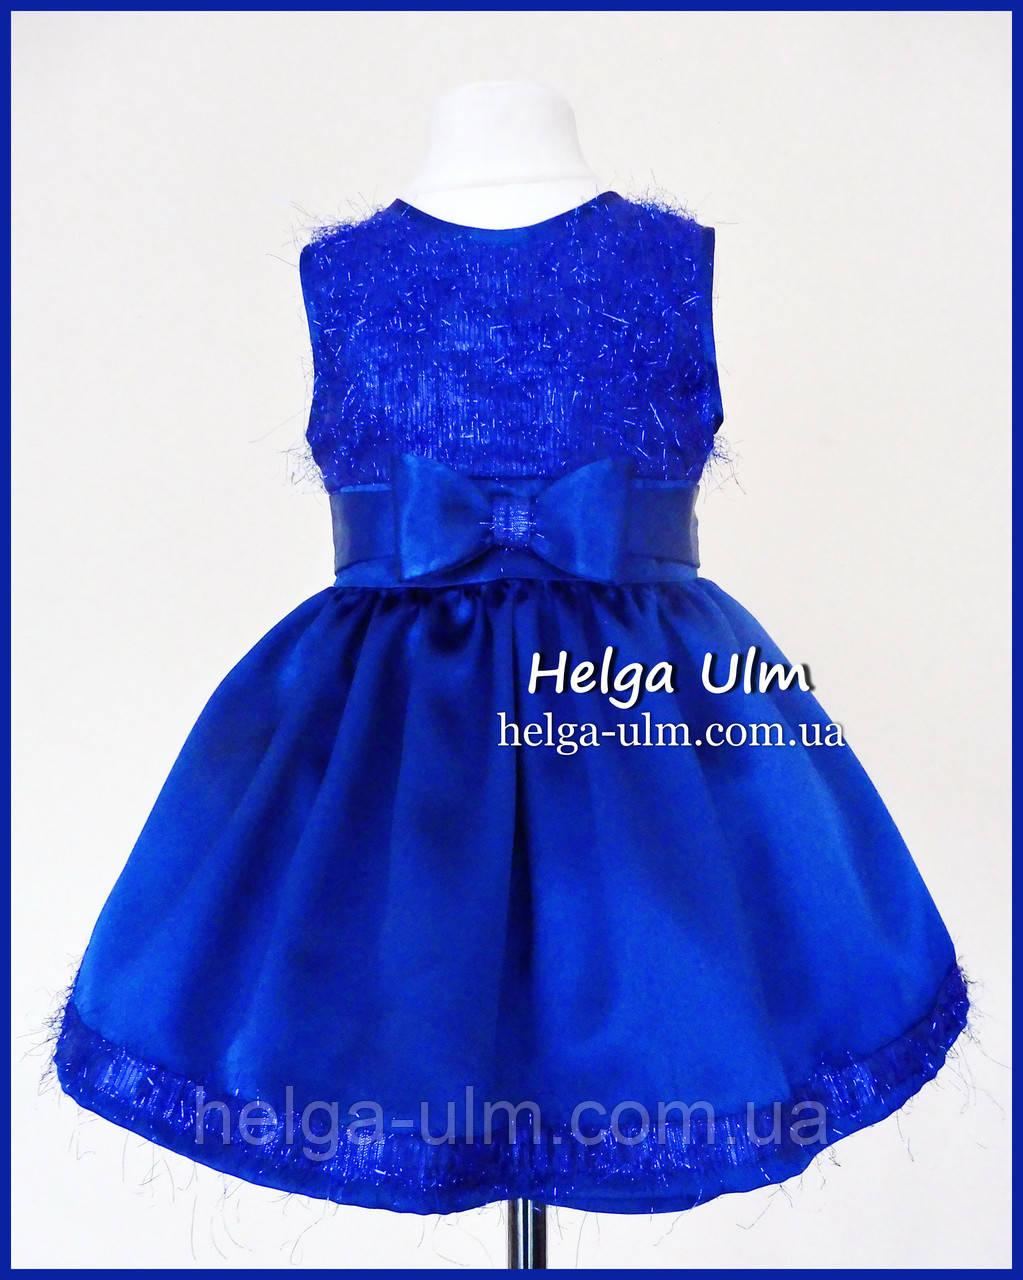 """Святкова сукня для дівчинкики """"Мушка"""", на замовлення 98-152 рр."""